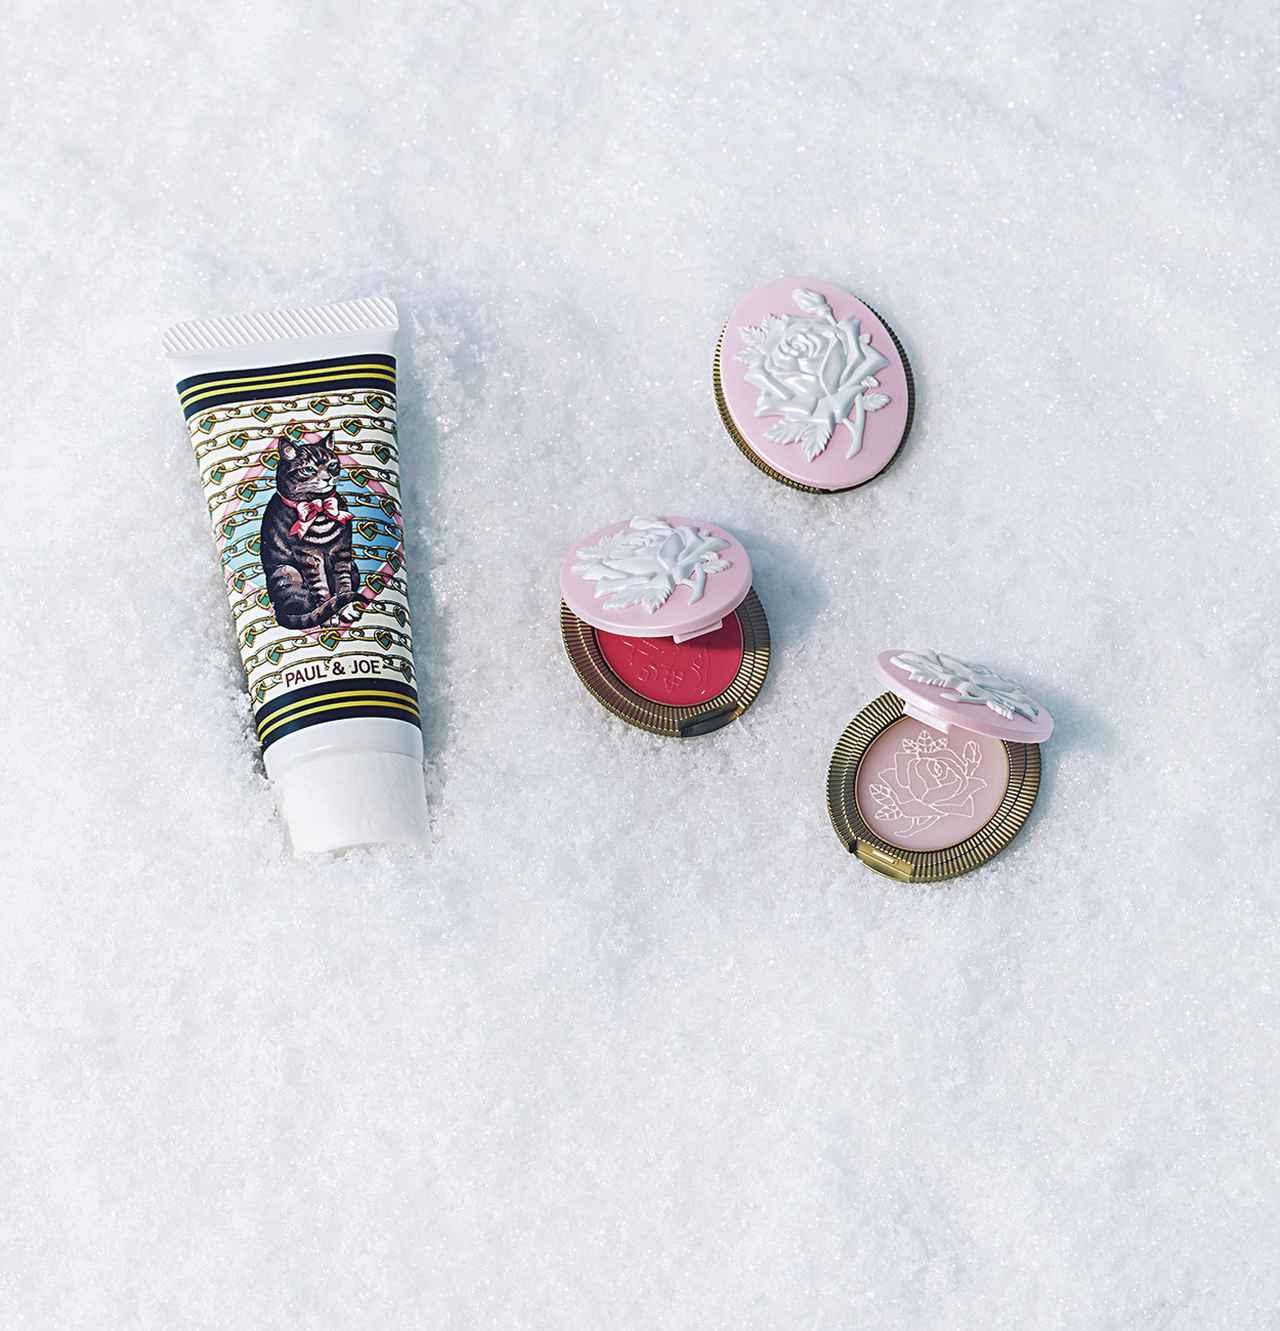 Images : 12番目の画像 - 「目利きが厳選。 大切な人へ届けたい 冬の贈り物 <Vol.1>」のアルバム - T JAPAN:The New York Times Style Magazine 公式サイト